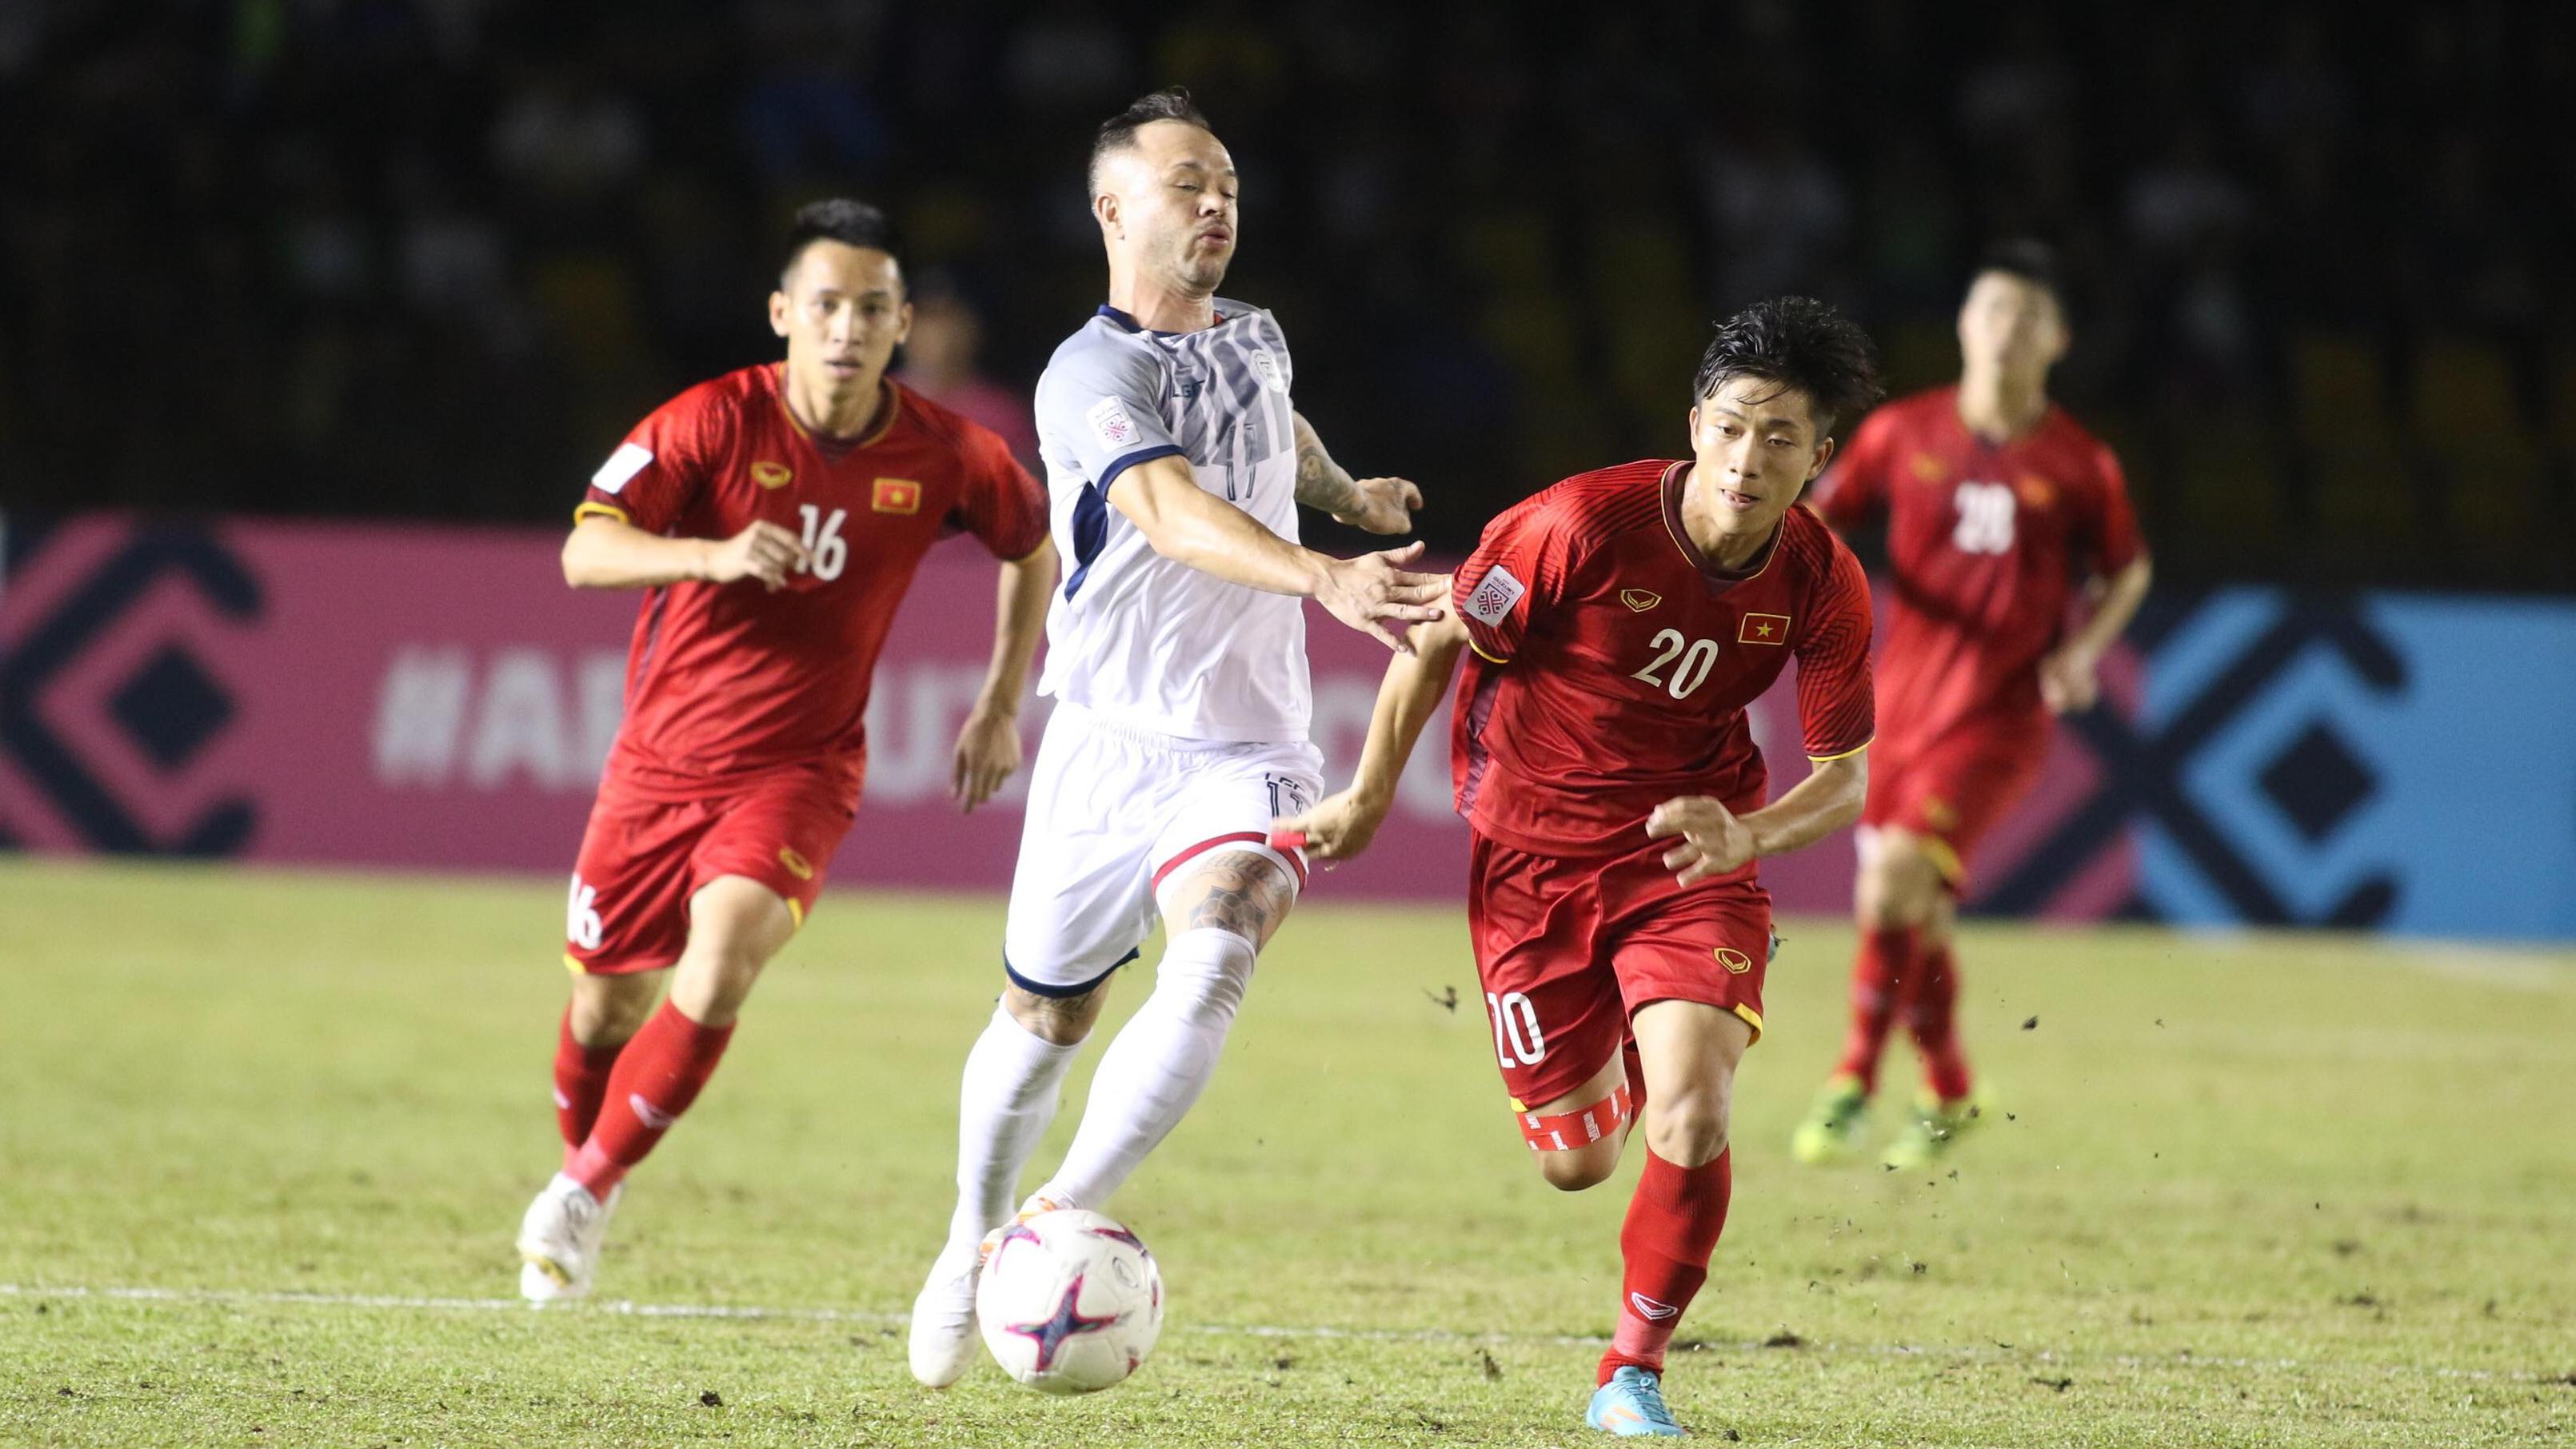 Phan Văn Đức Philippines vs Việt Nam AFF Suzuki Cup 2018 (5)